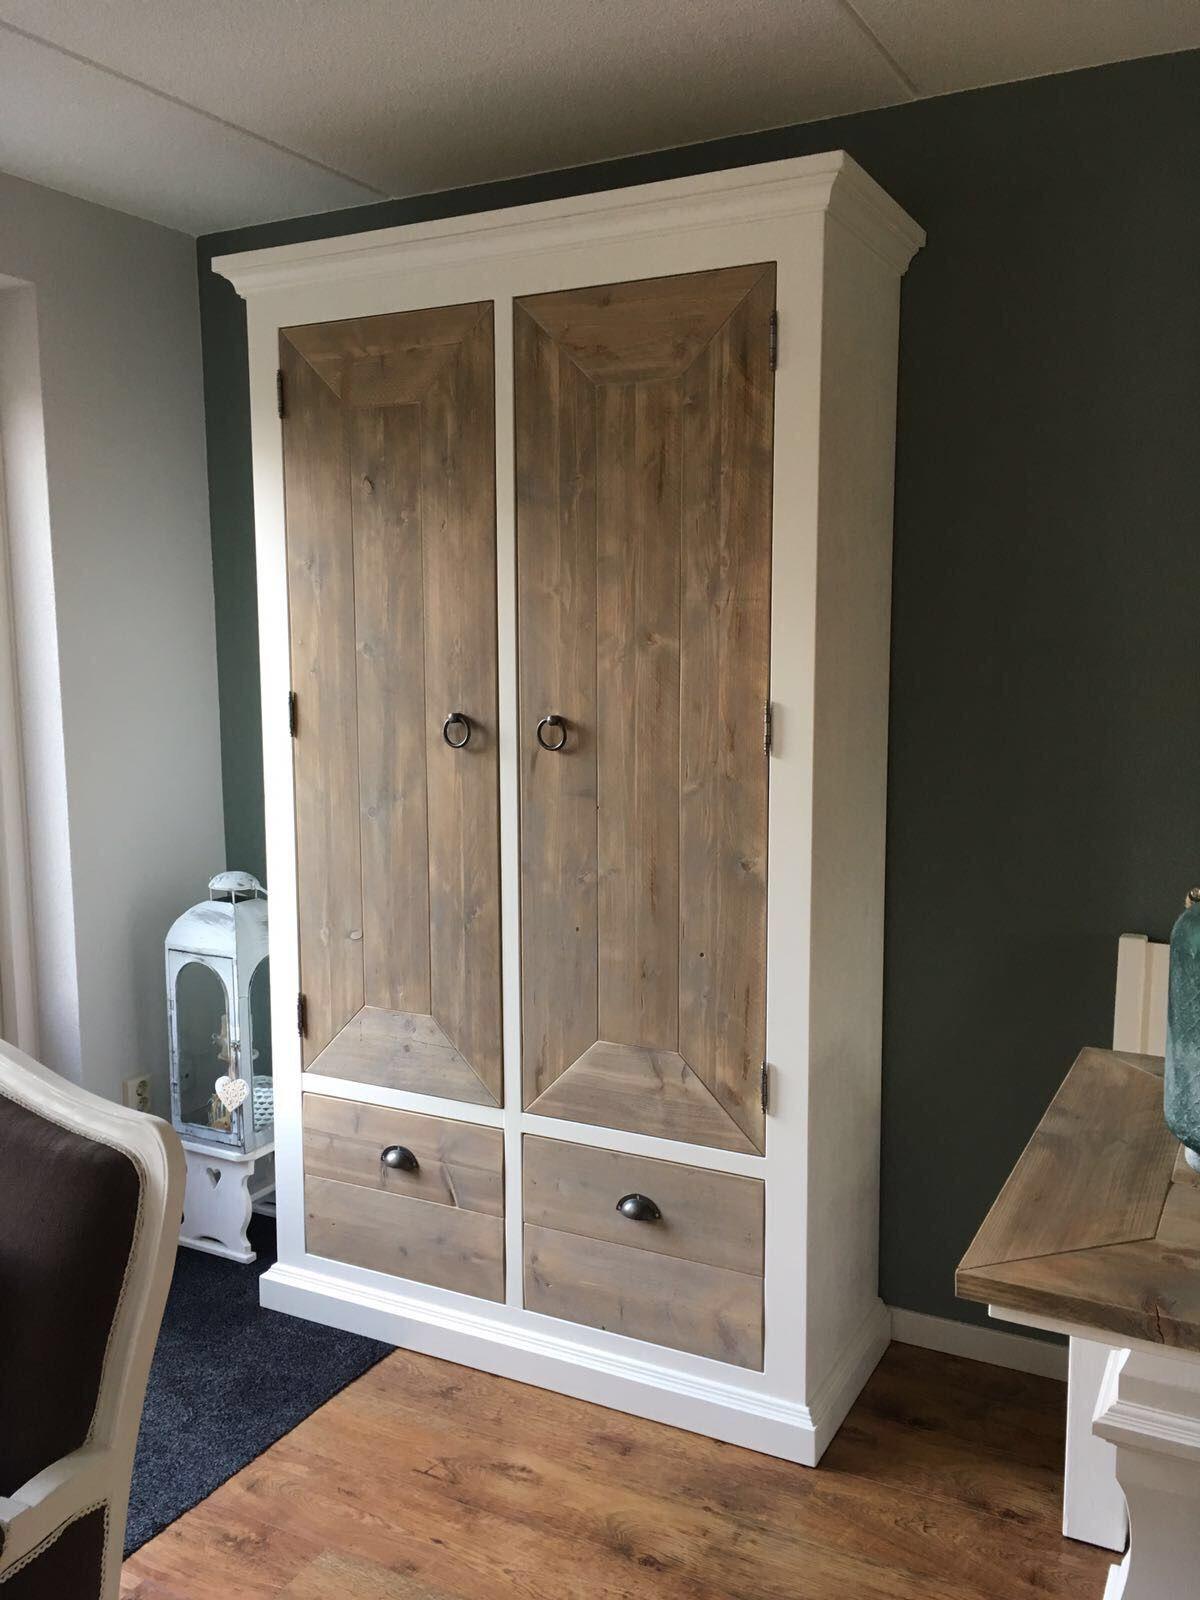 dichte kast op maat van grenenhout en steigerhout geschikt als kledingkast in slaapkamer of opbergkast